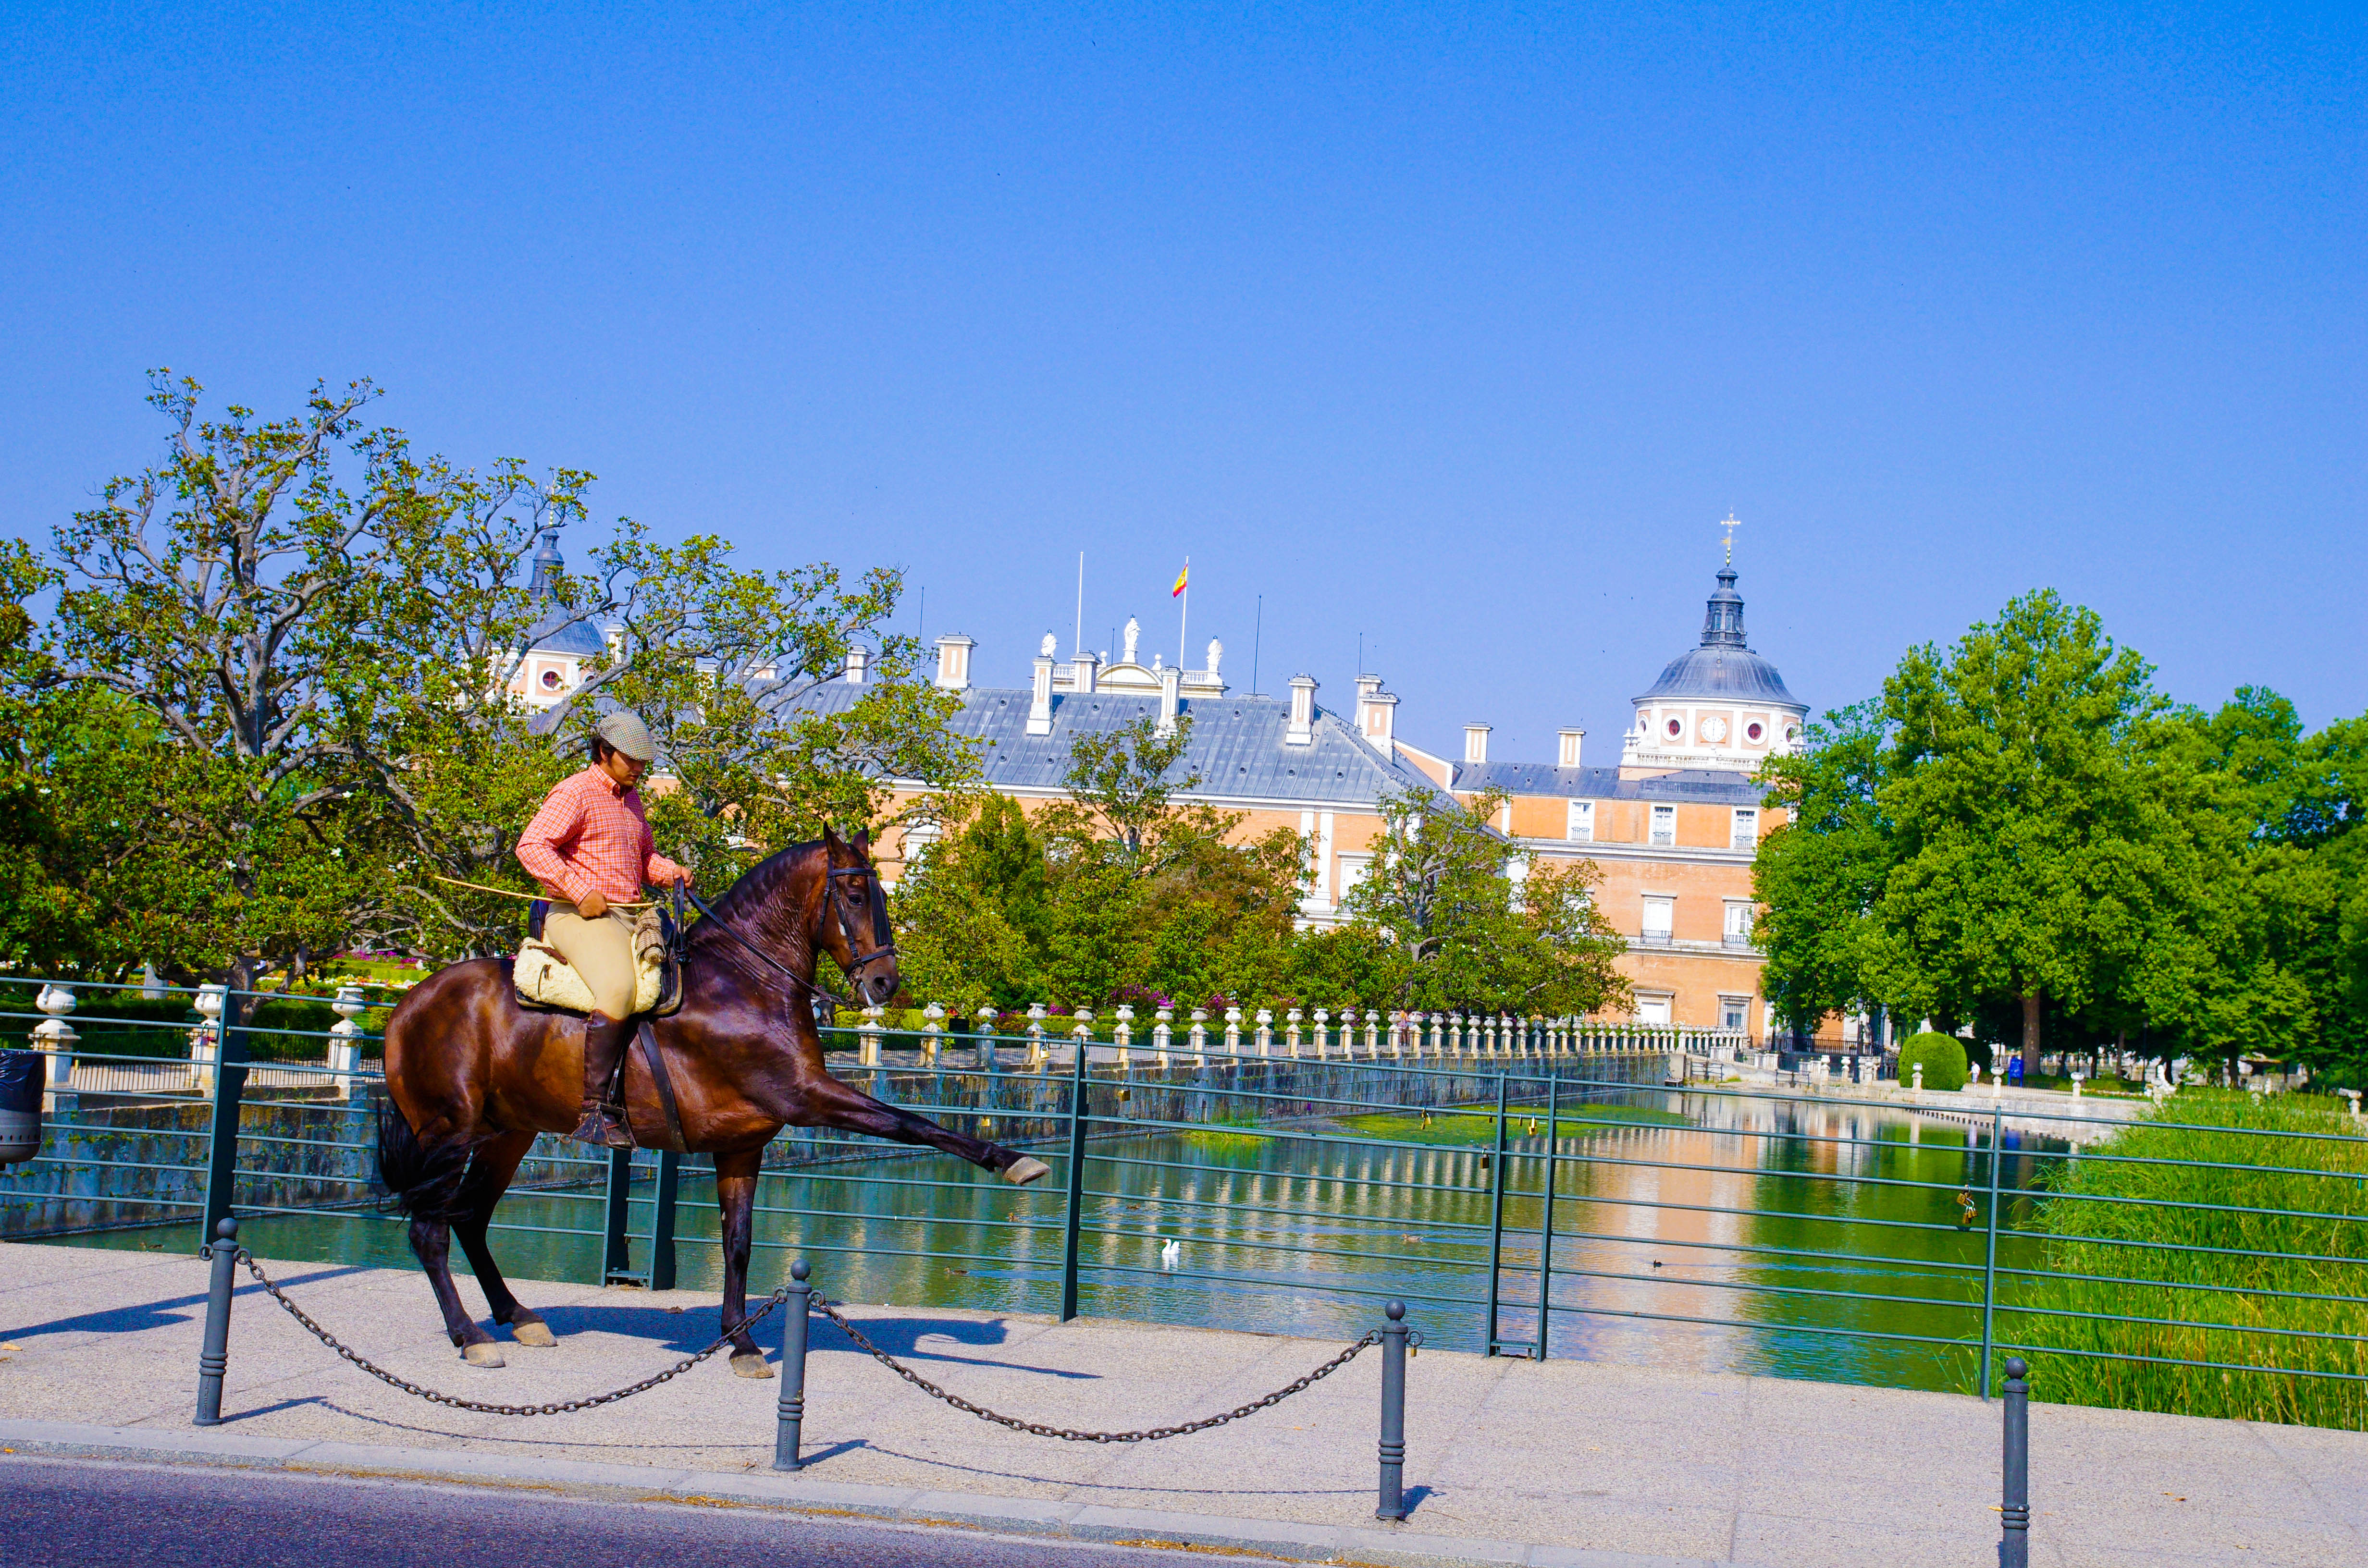 Doma caballos madrid y aranjuez cuadra bella vista for Saneamientos bellavista madrid